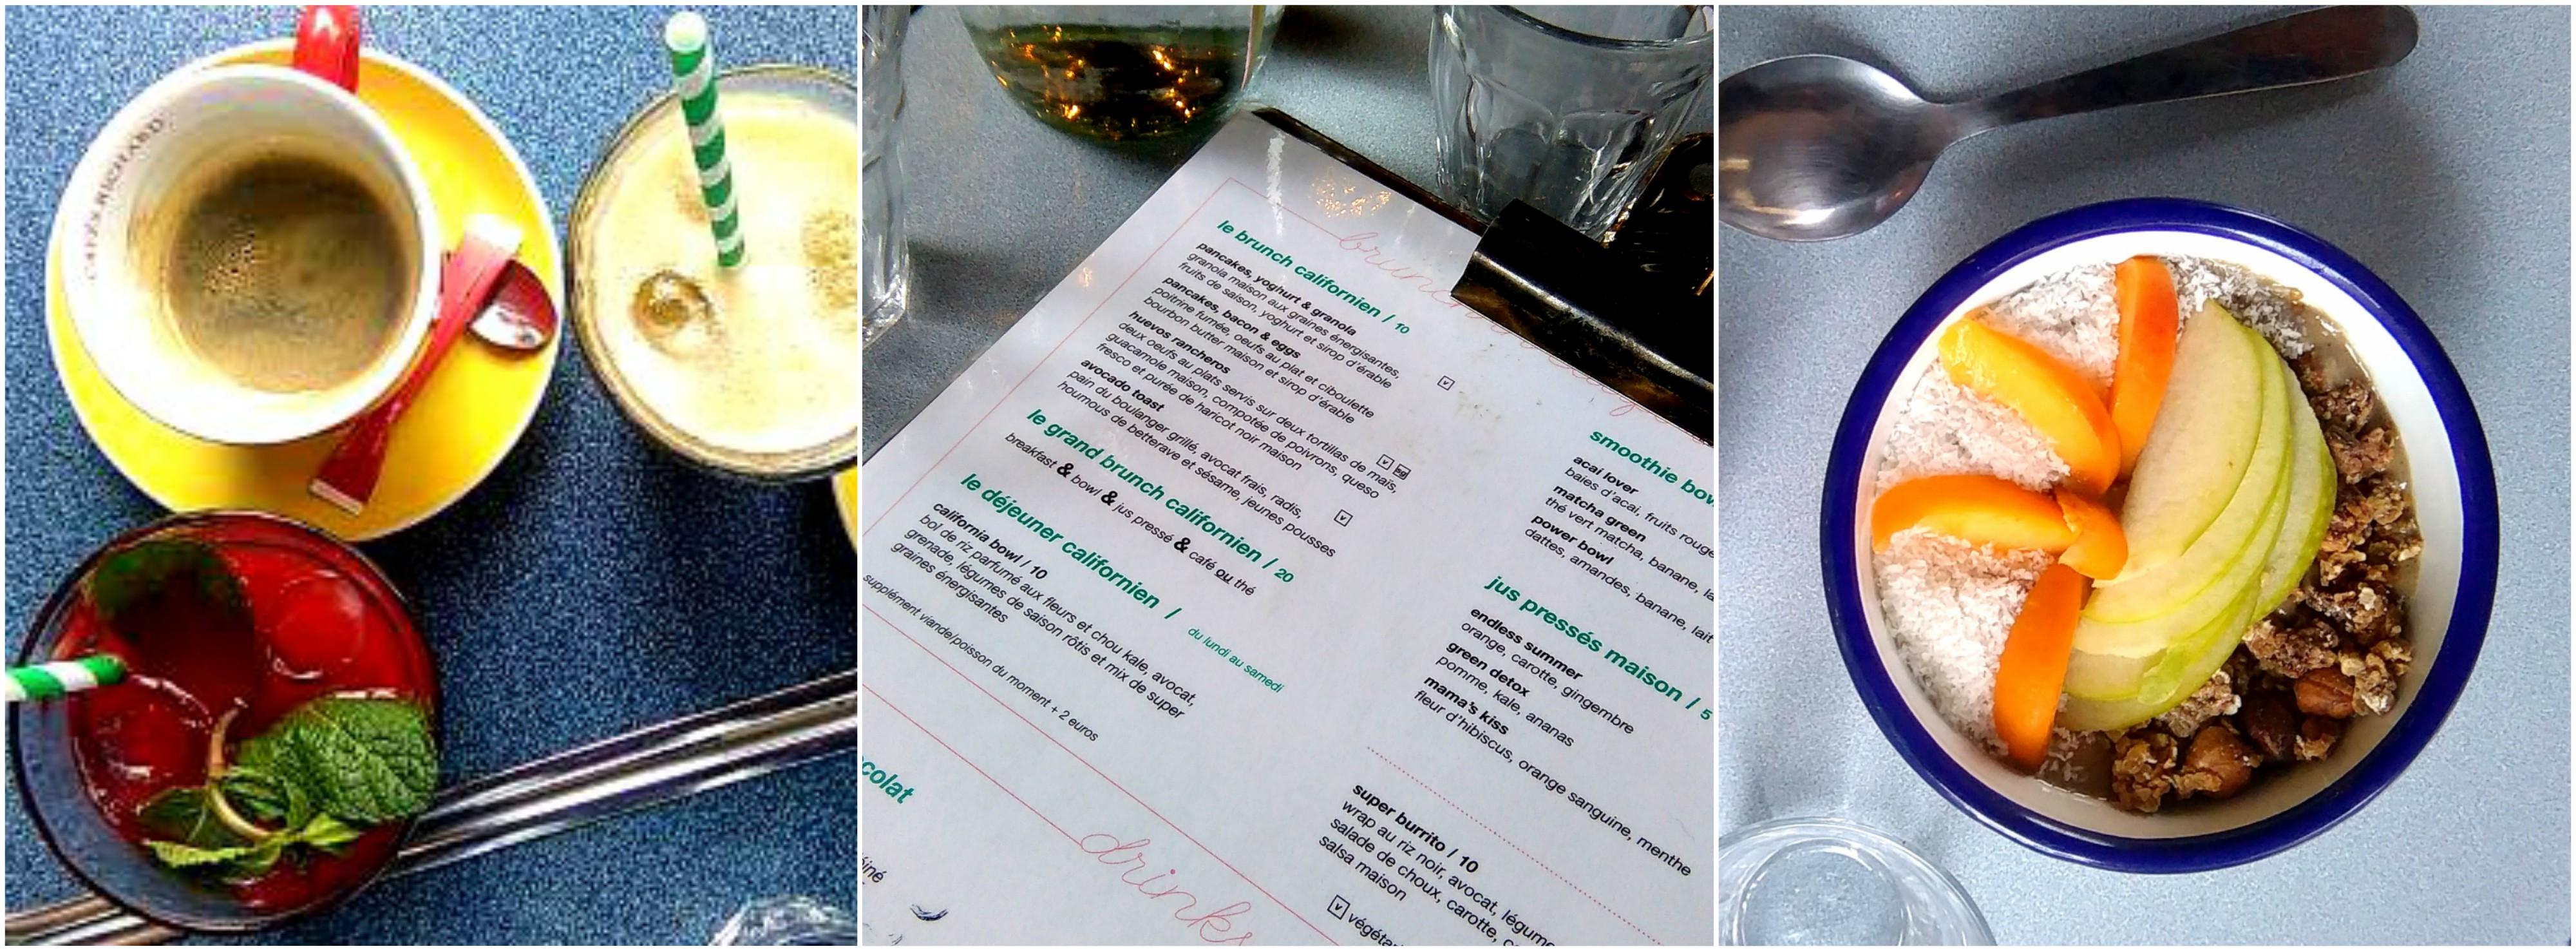 brunch kokomo bordeaux menu prix